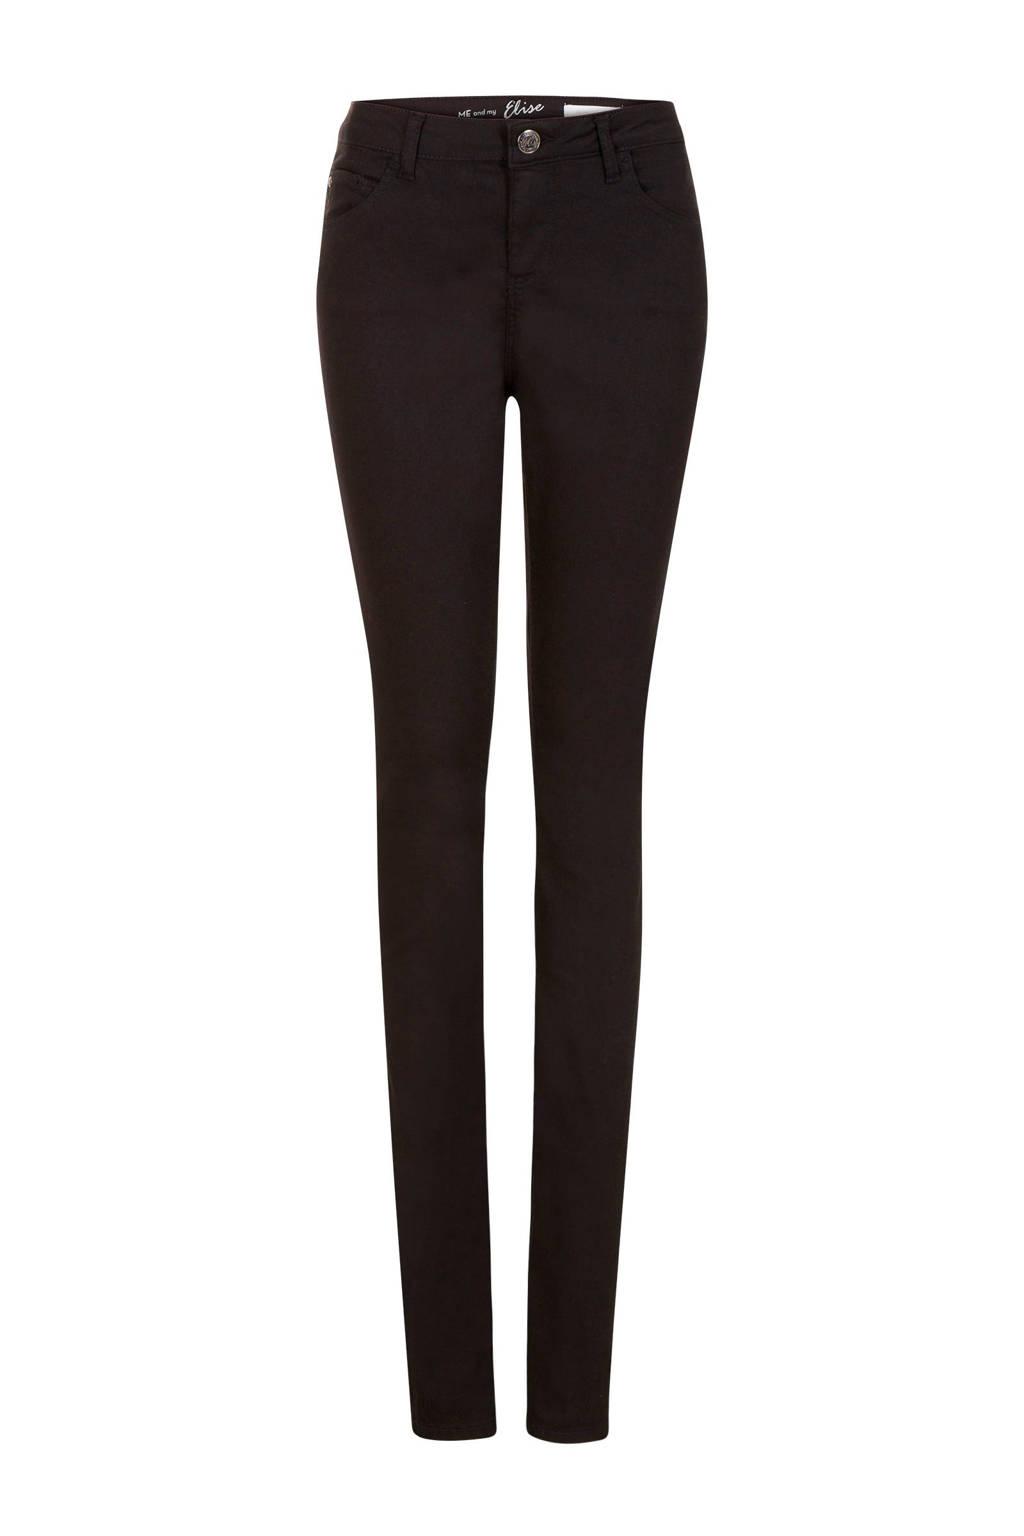 Miss Etam Lang slim fit broek Elise 36 inch zwart, Zwart